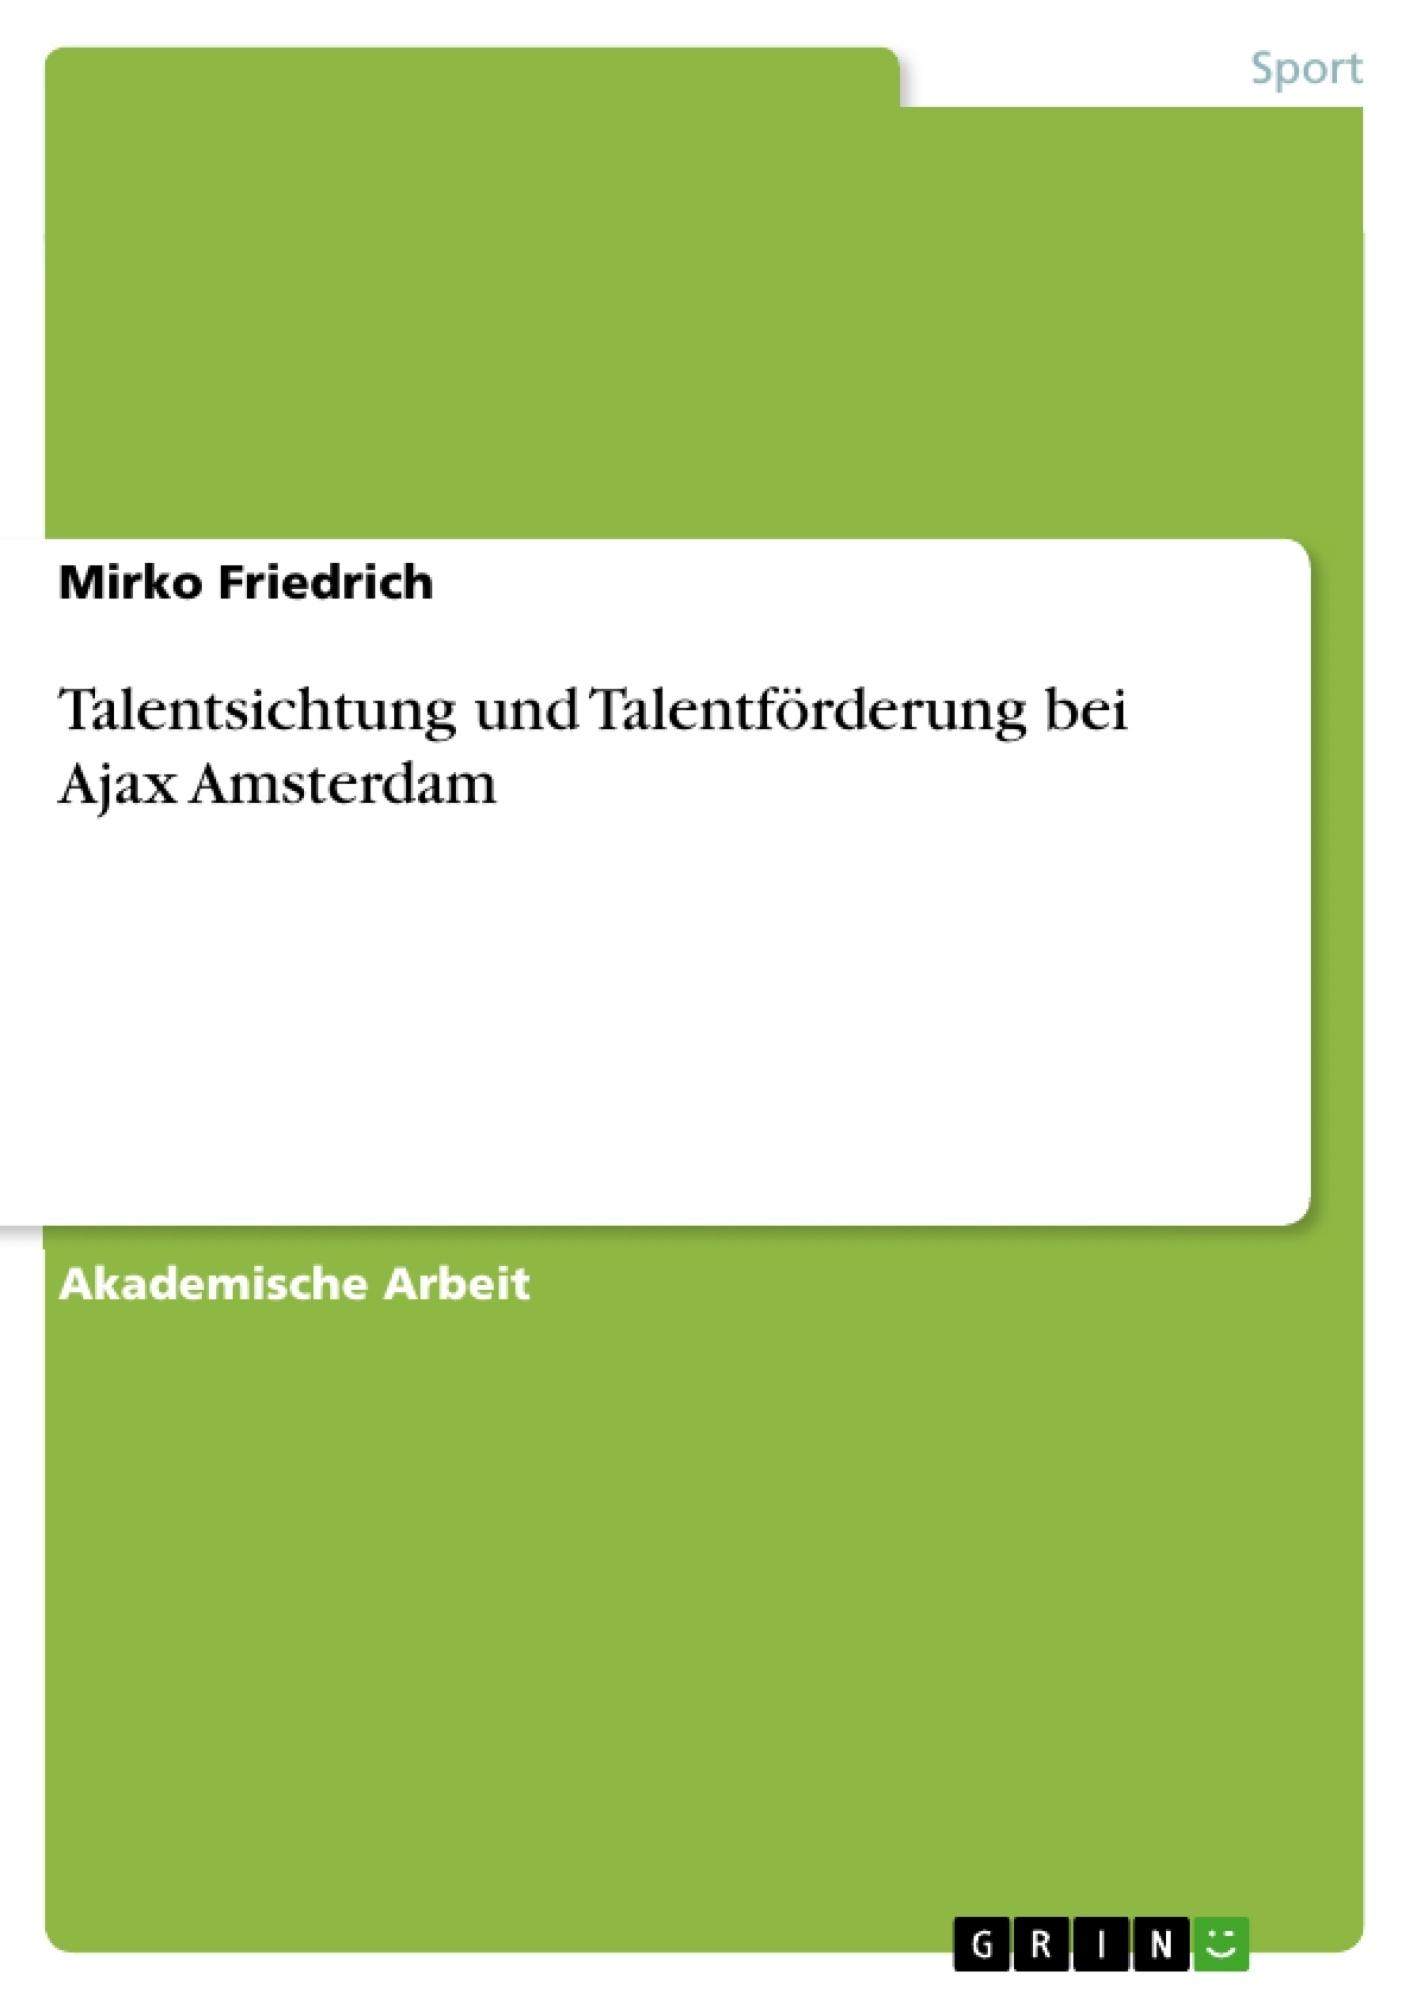 Titel: Talentsichtung und Talentförderung bei Ajax Amsterdam